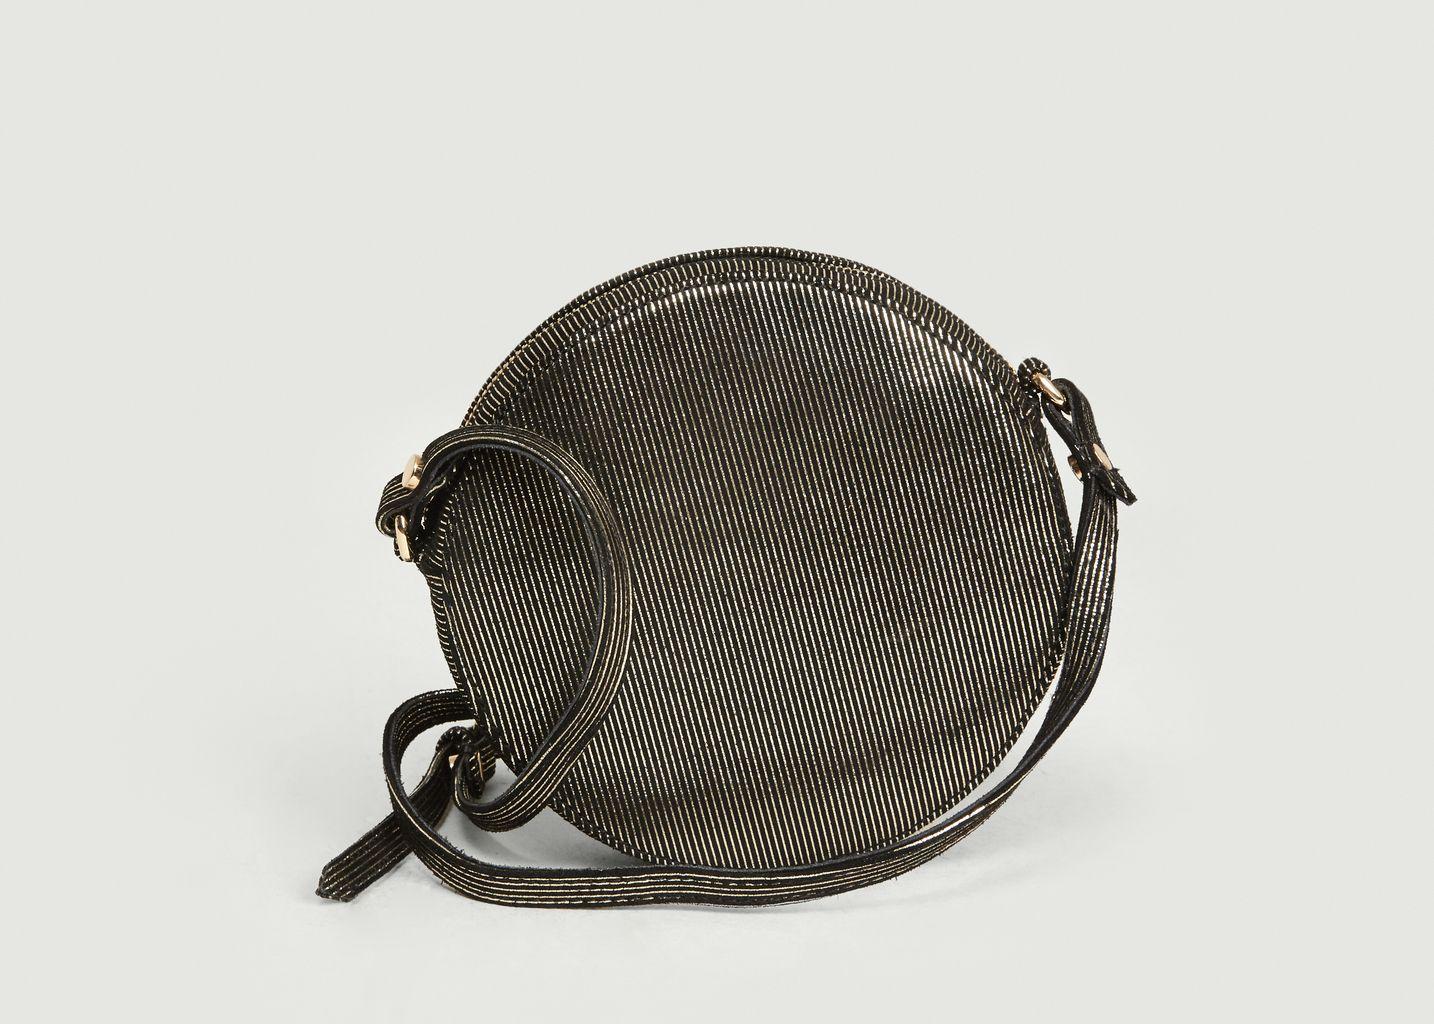 Petit sac rond en cuir métallisé Ringo - Petite Mendigote